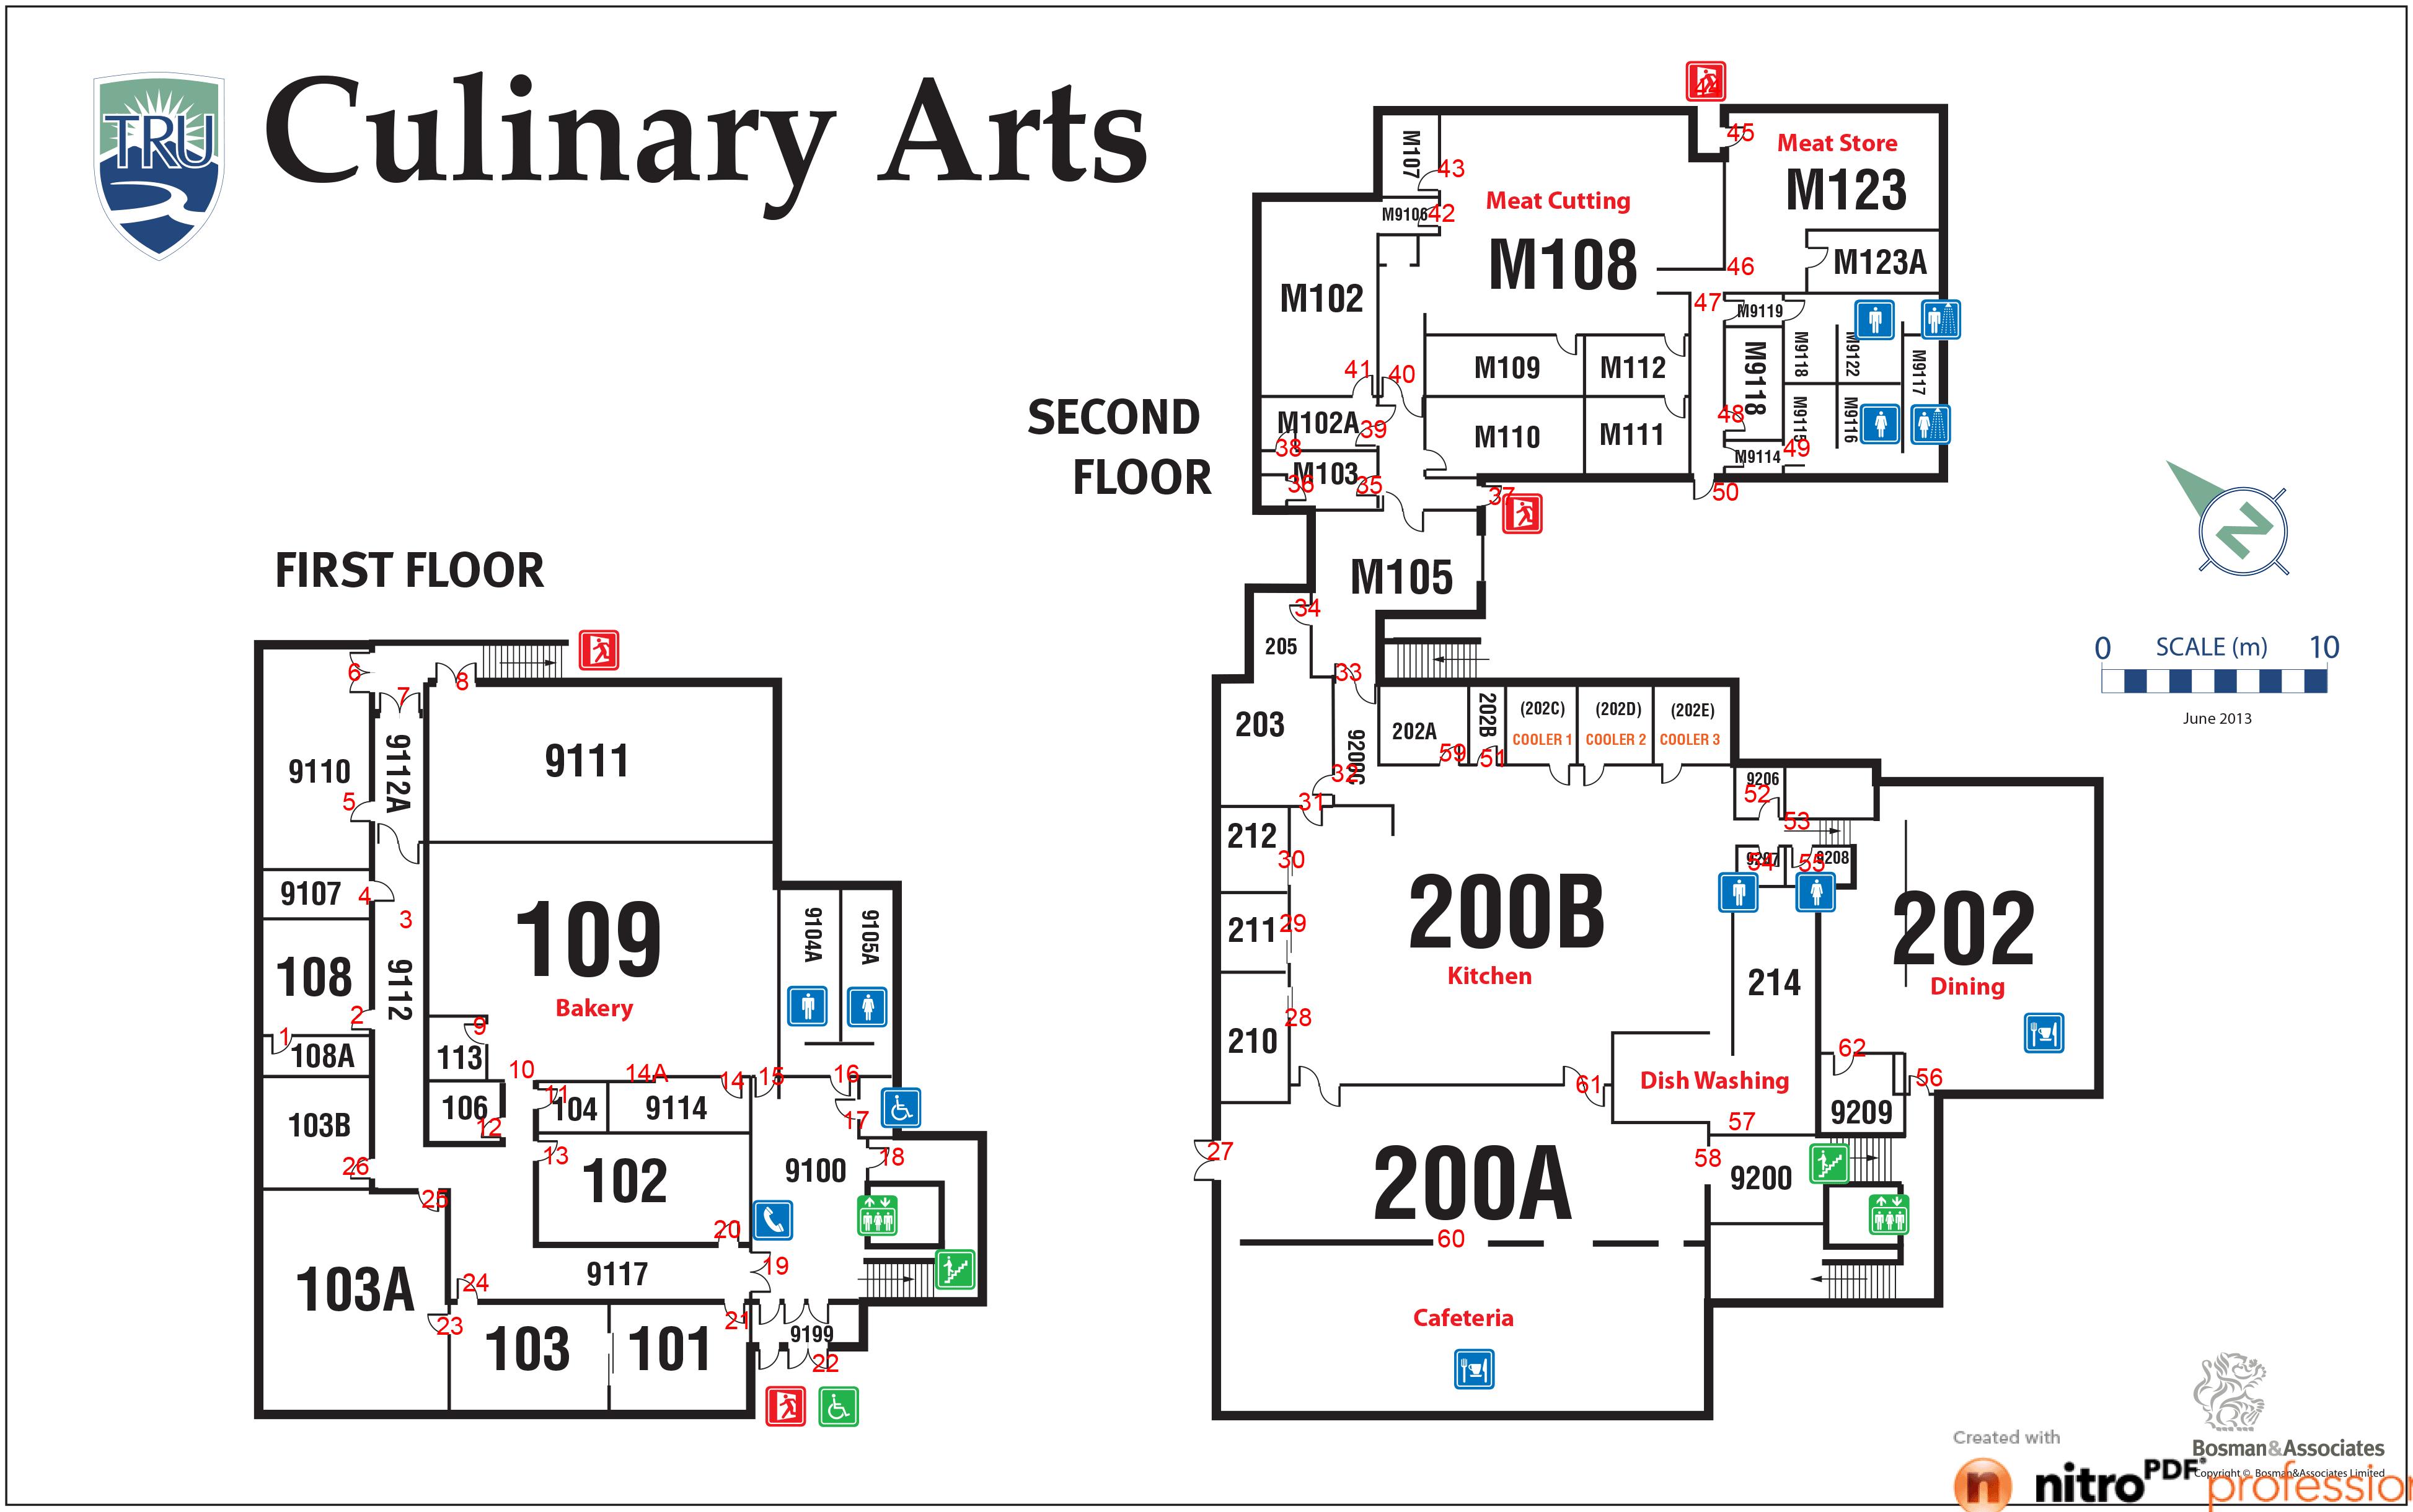 Plan key